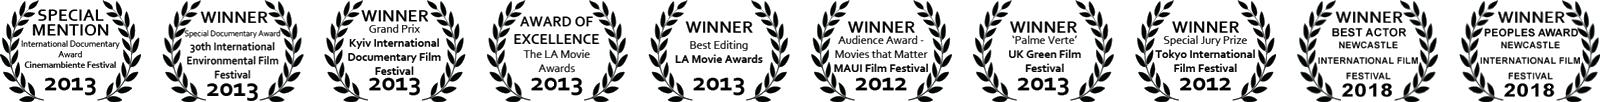 Film Awards for Blenheim Films independent film makers